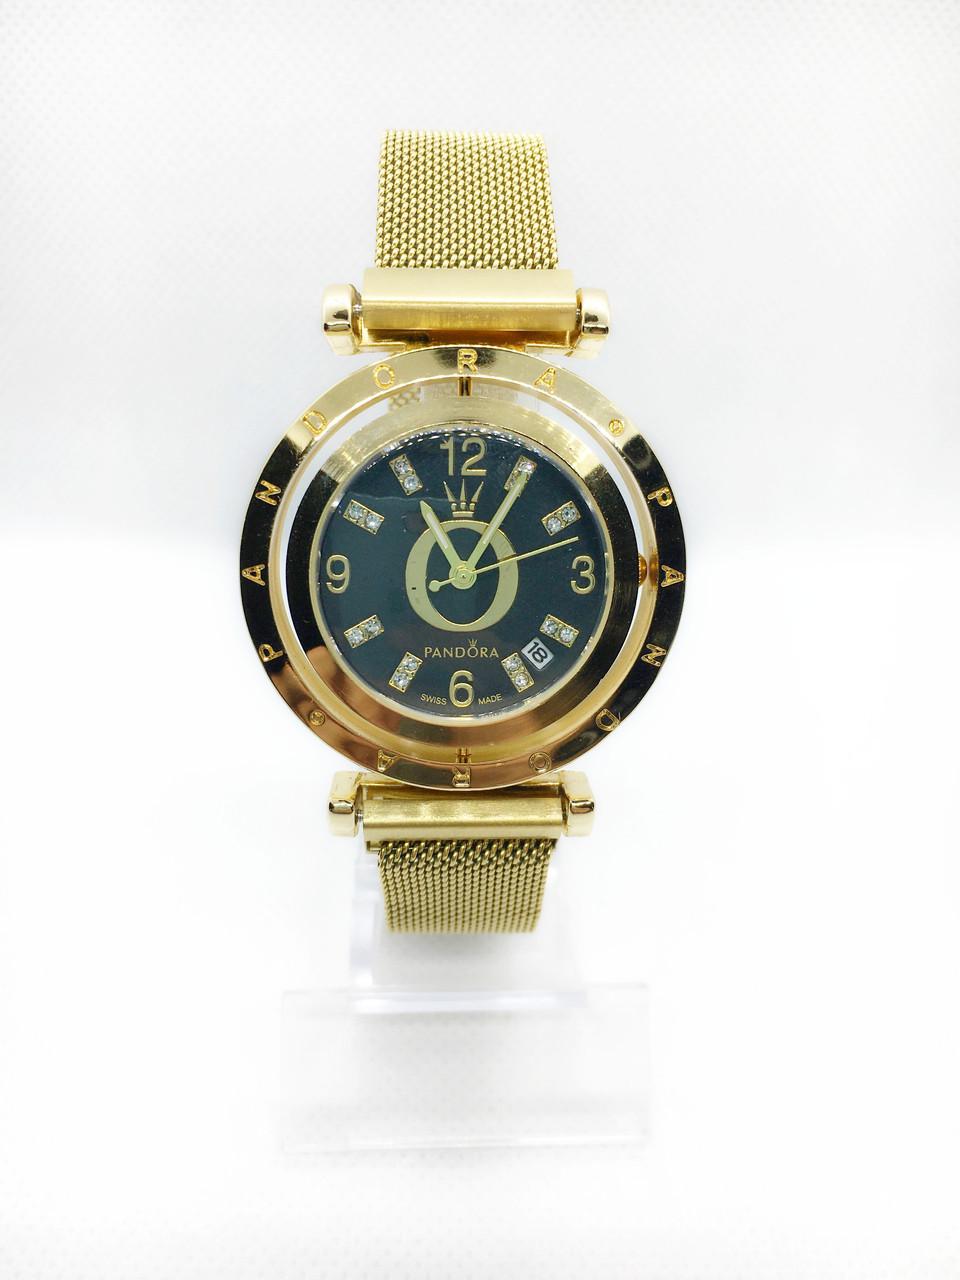 Женские наручные часы Pandora (Пандора), золото с черным циферблатом